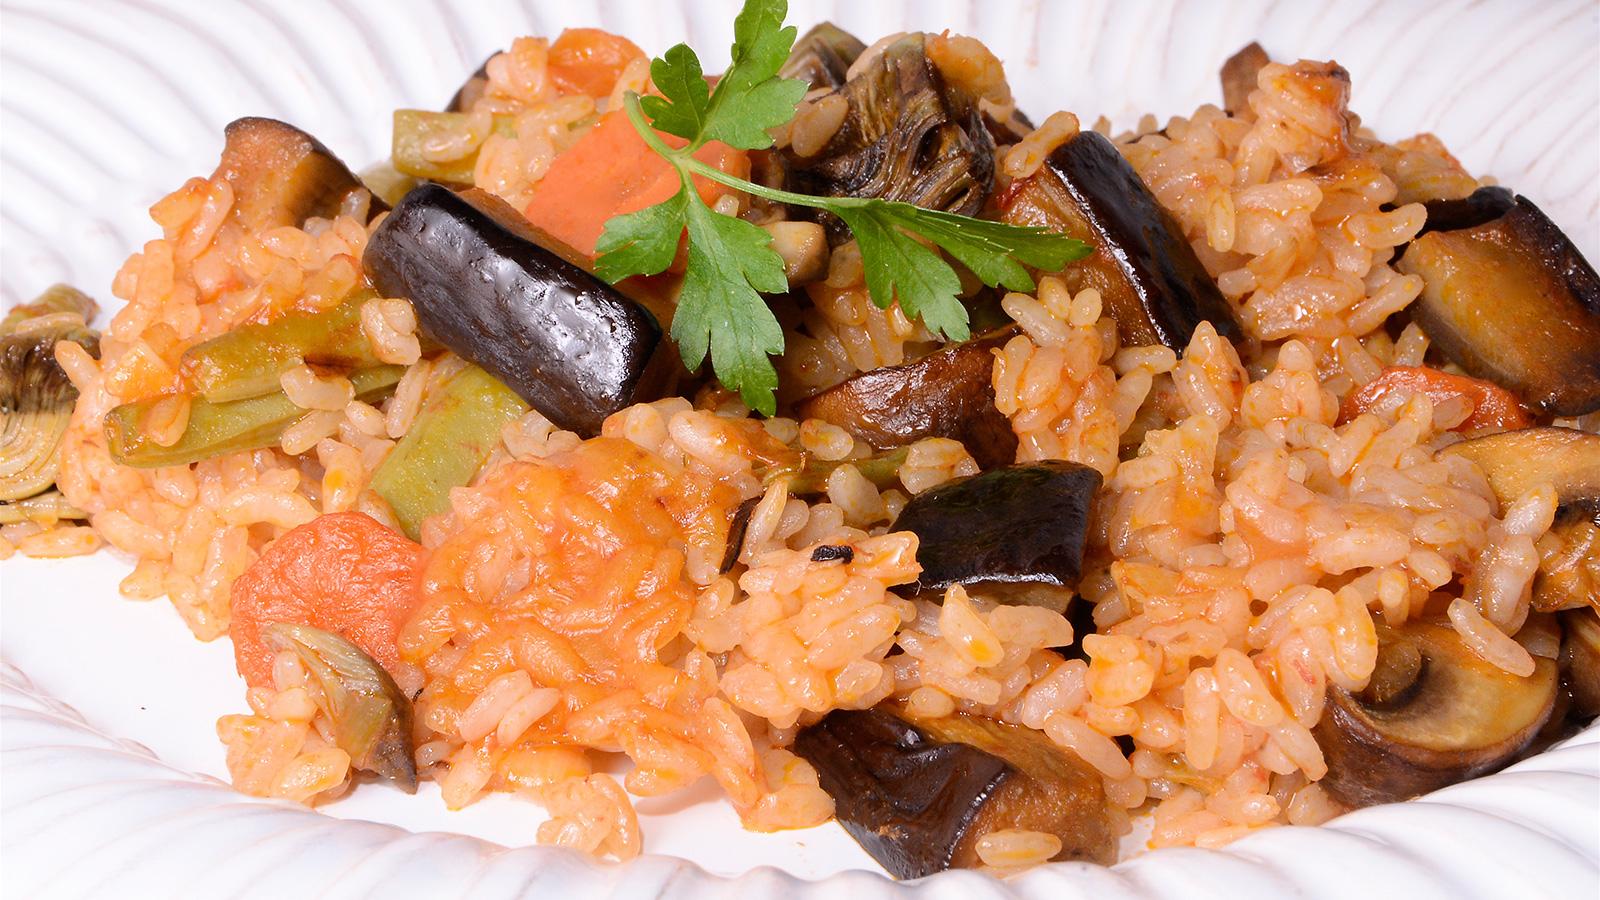 Arroz con verduras i igo p rez urrechu receta canal - Arroz con verduras light ...